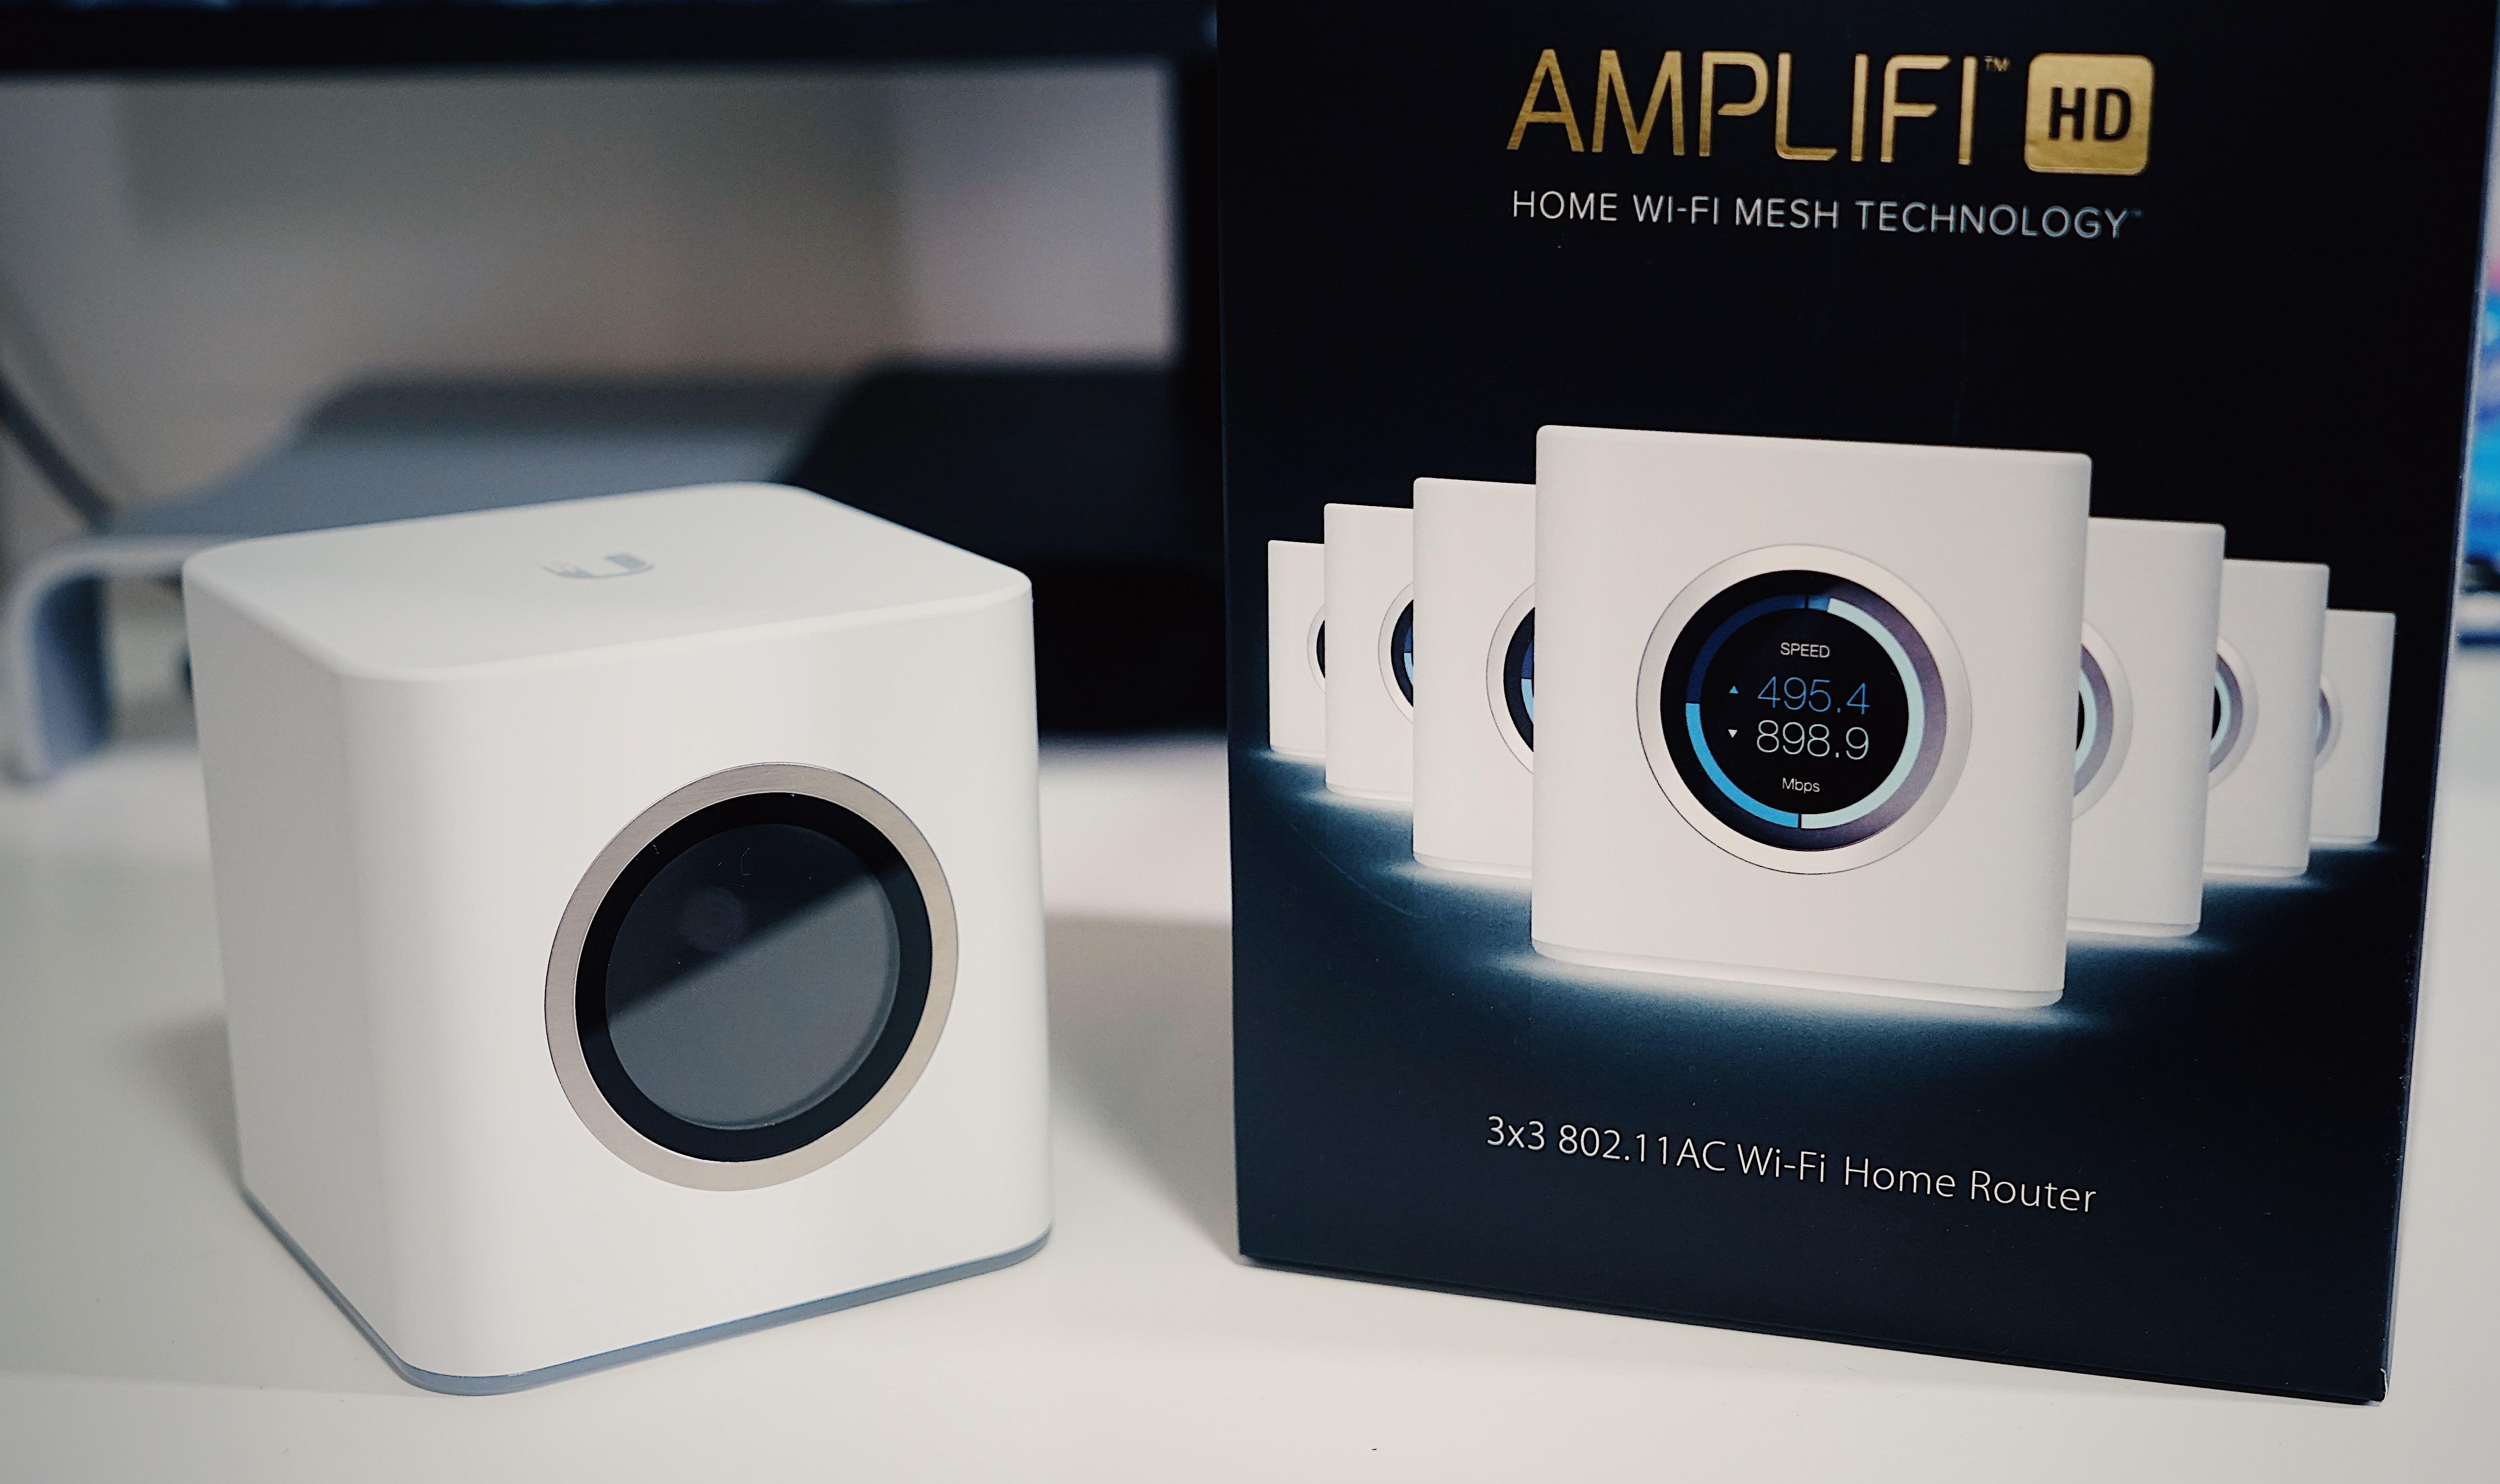 我曾以为决定网络的唯一因素是网络服务提供商,直到用上 AmpliFi